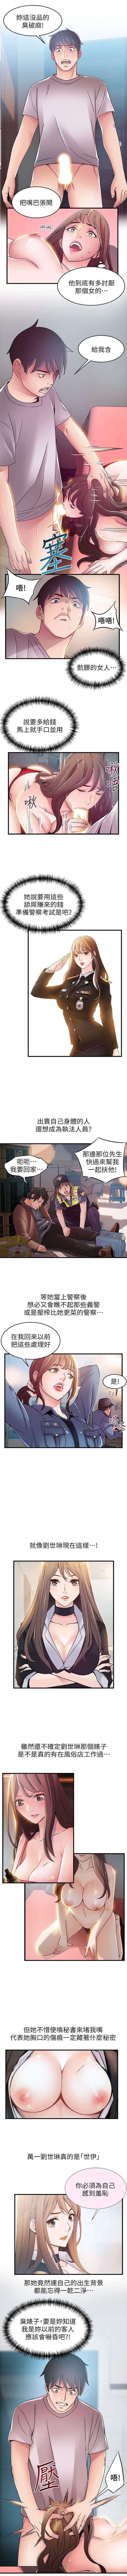 弱點 1-101 官方中文(連載中) 186